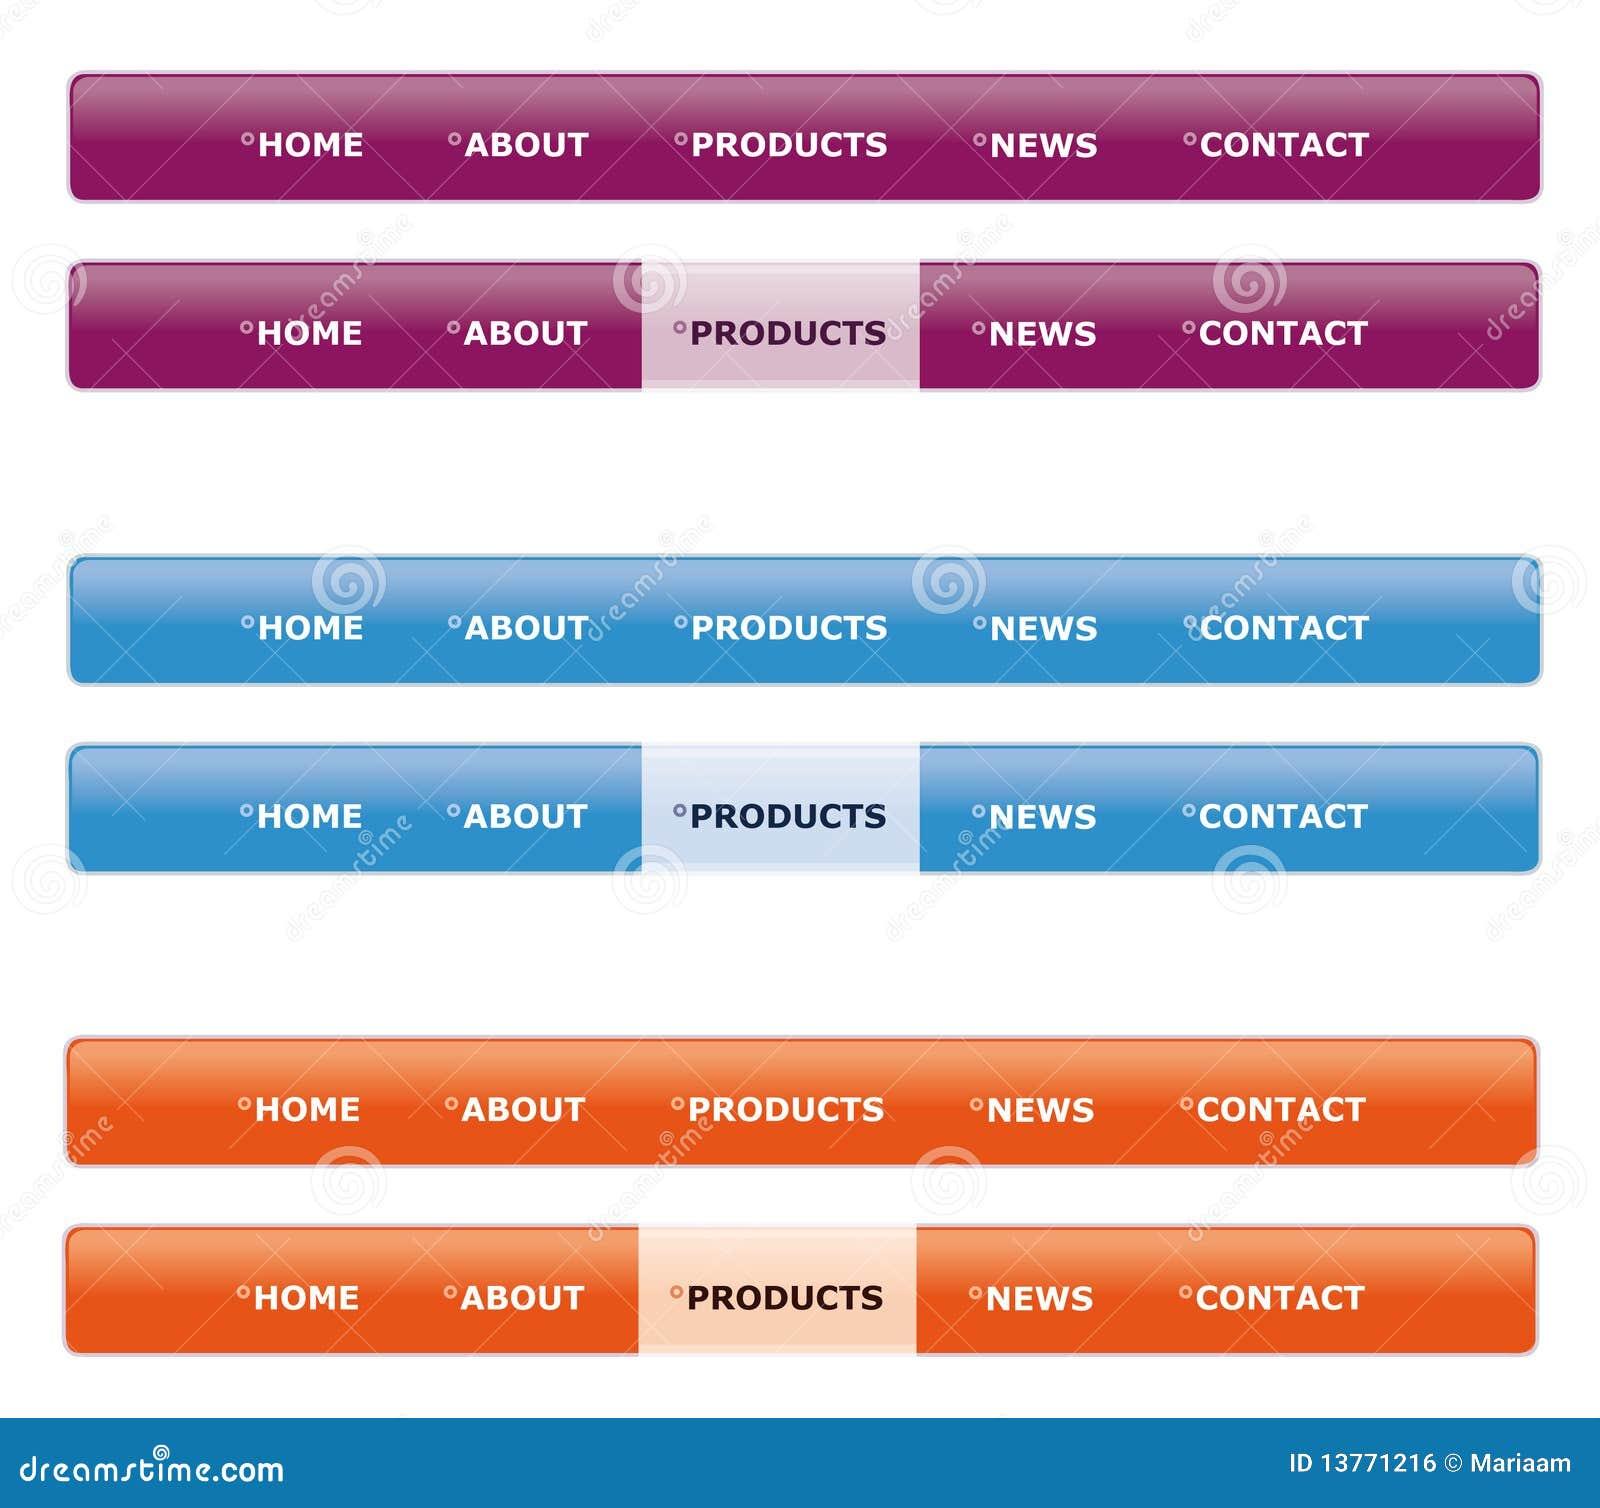 web menu: